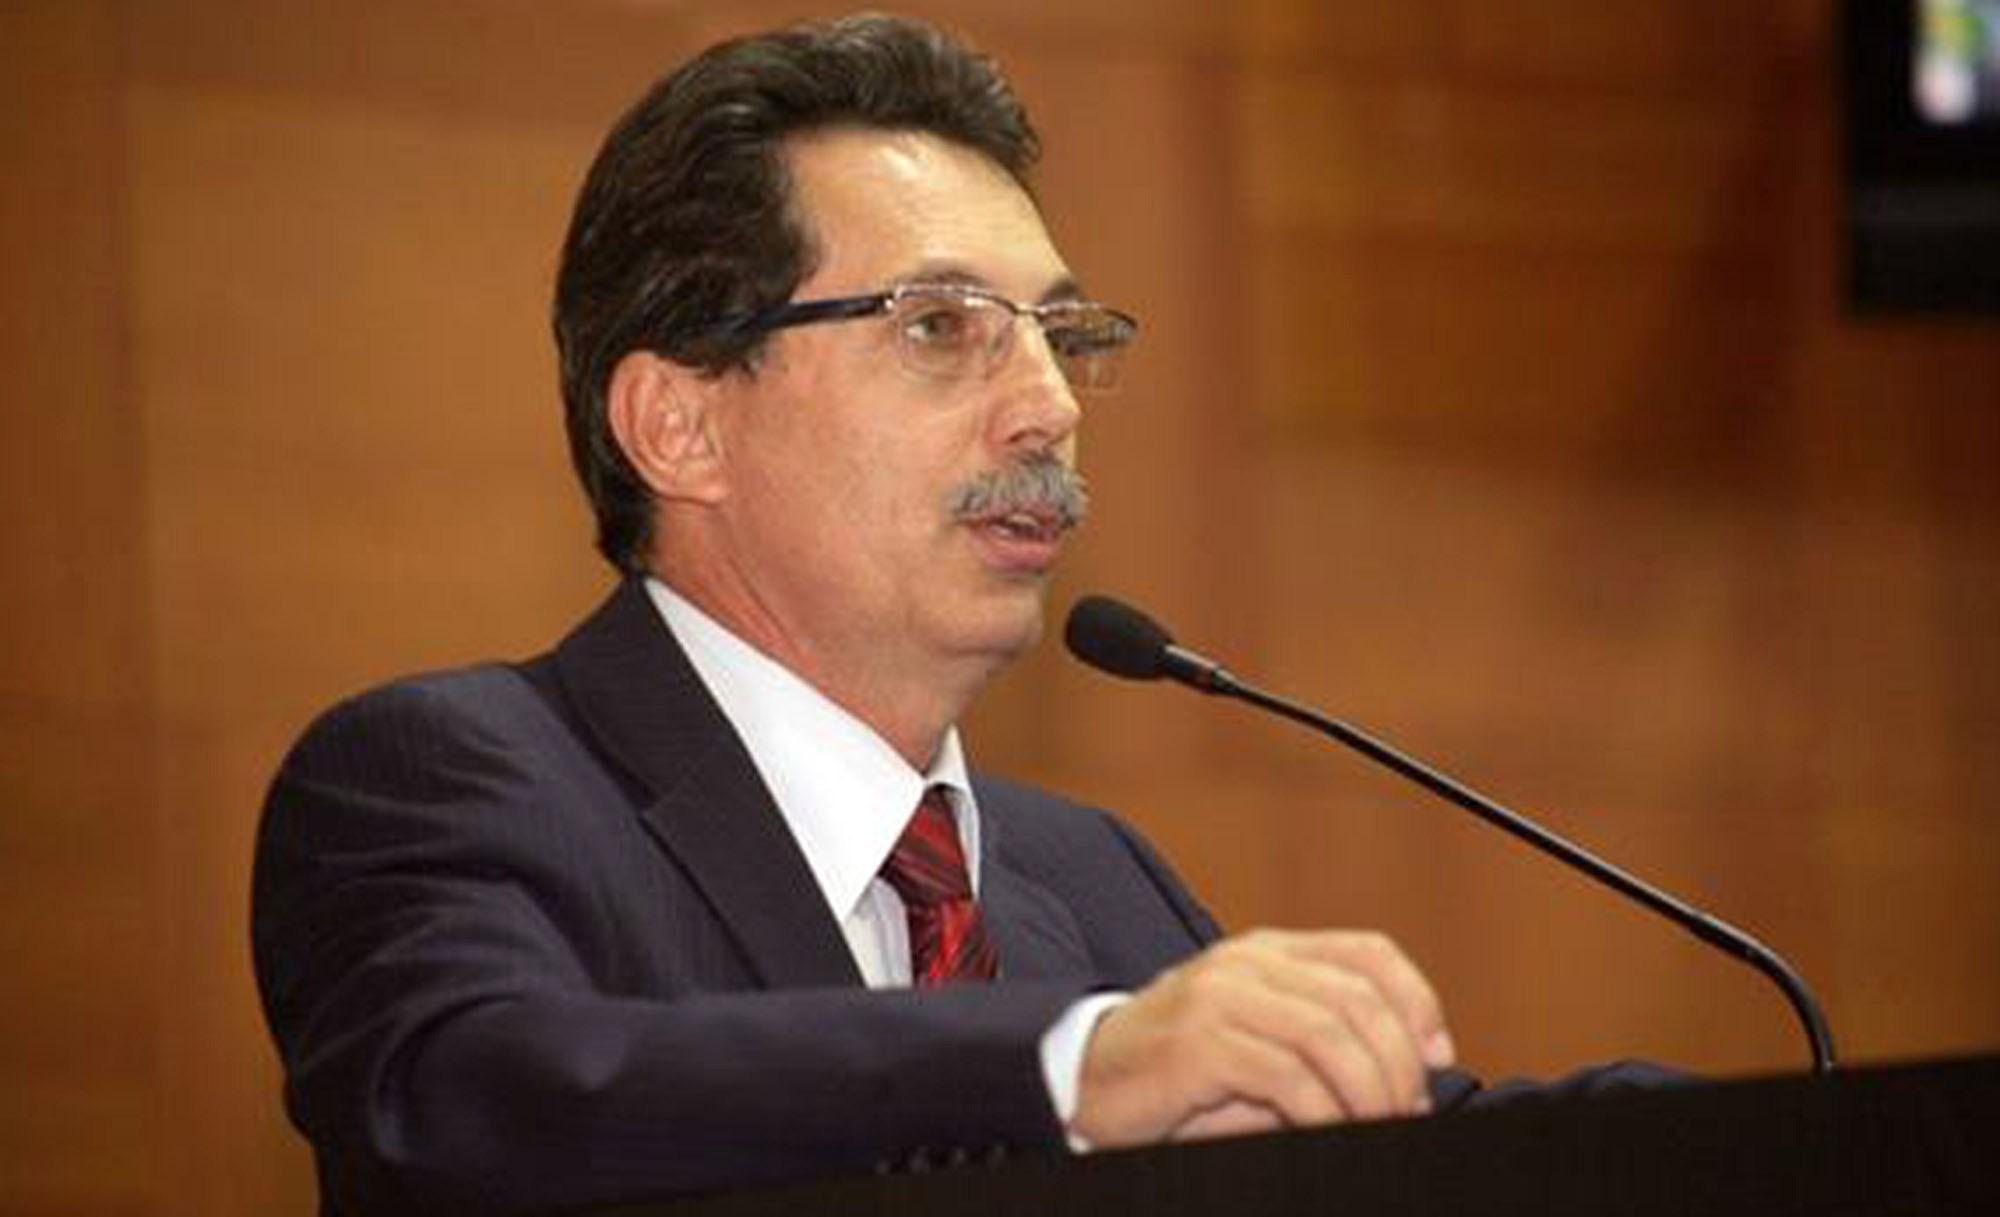 Cúpula do PP descarta apoio ao projeto de reeleição de Taques